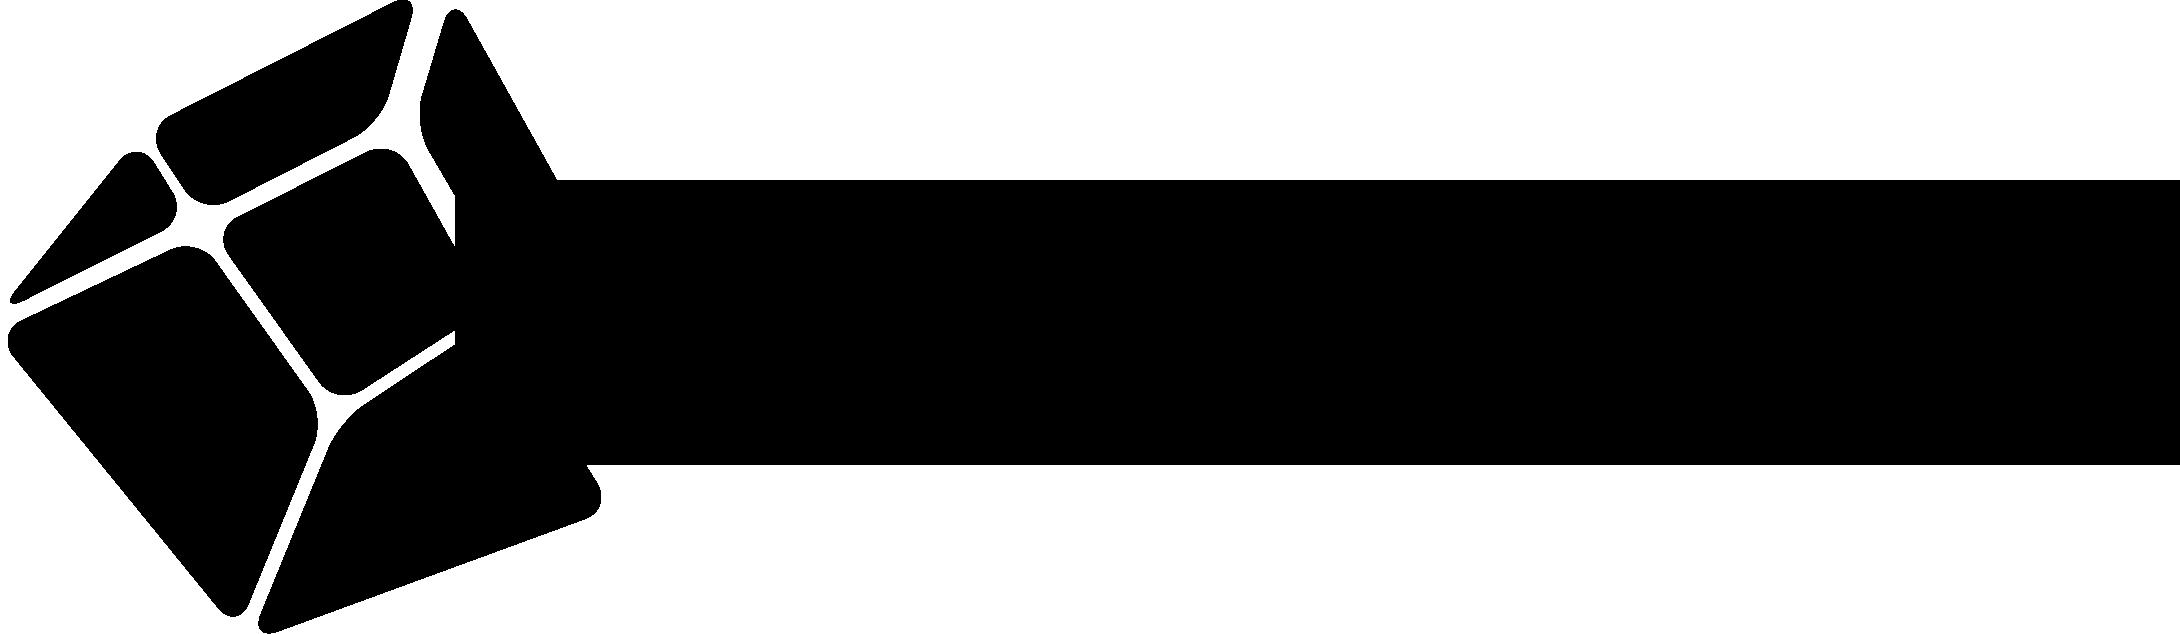 StudioMetro3